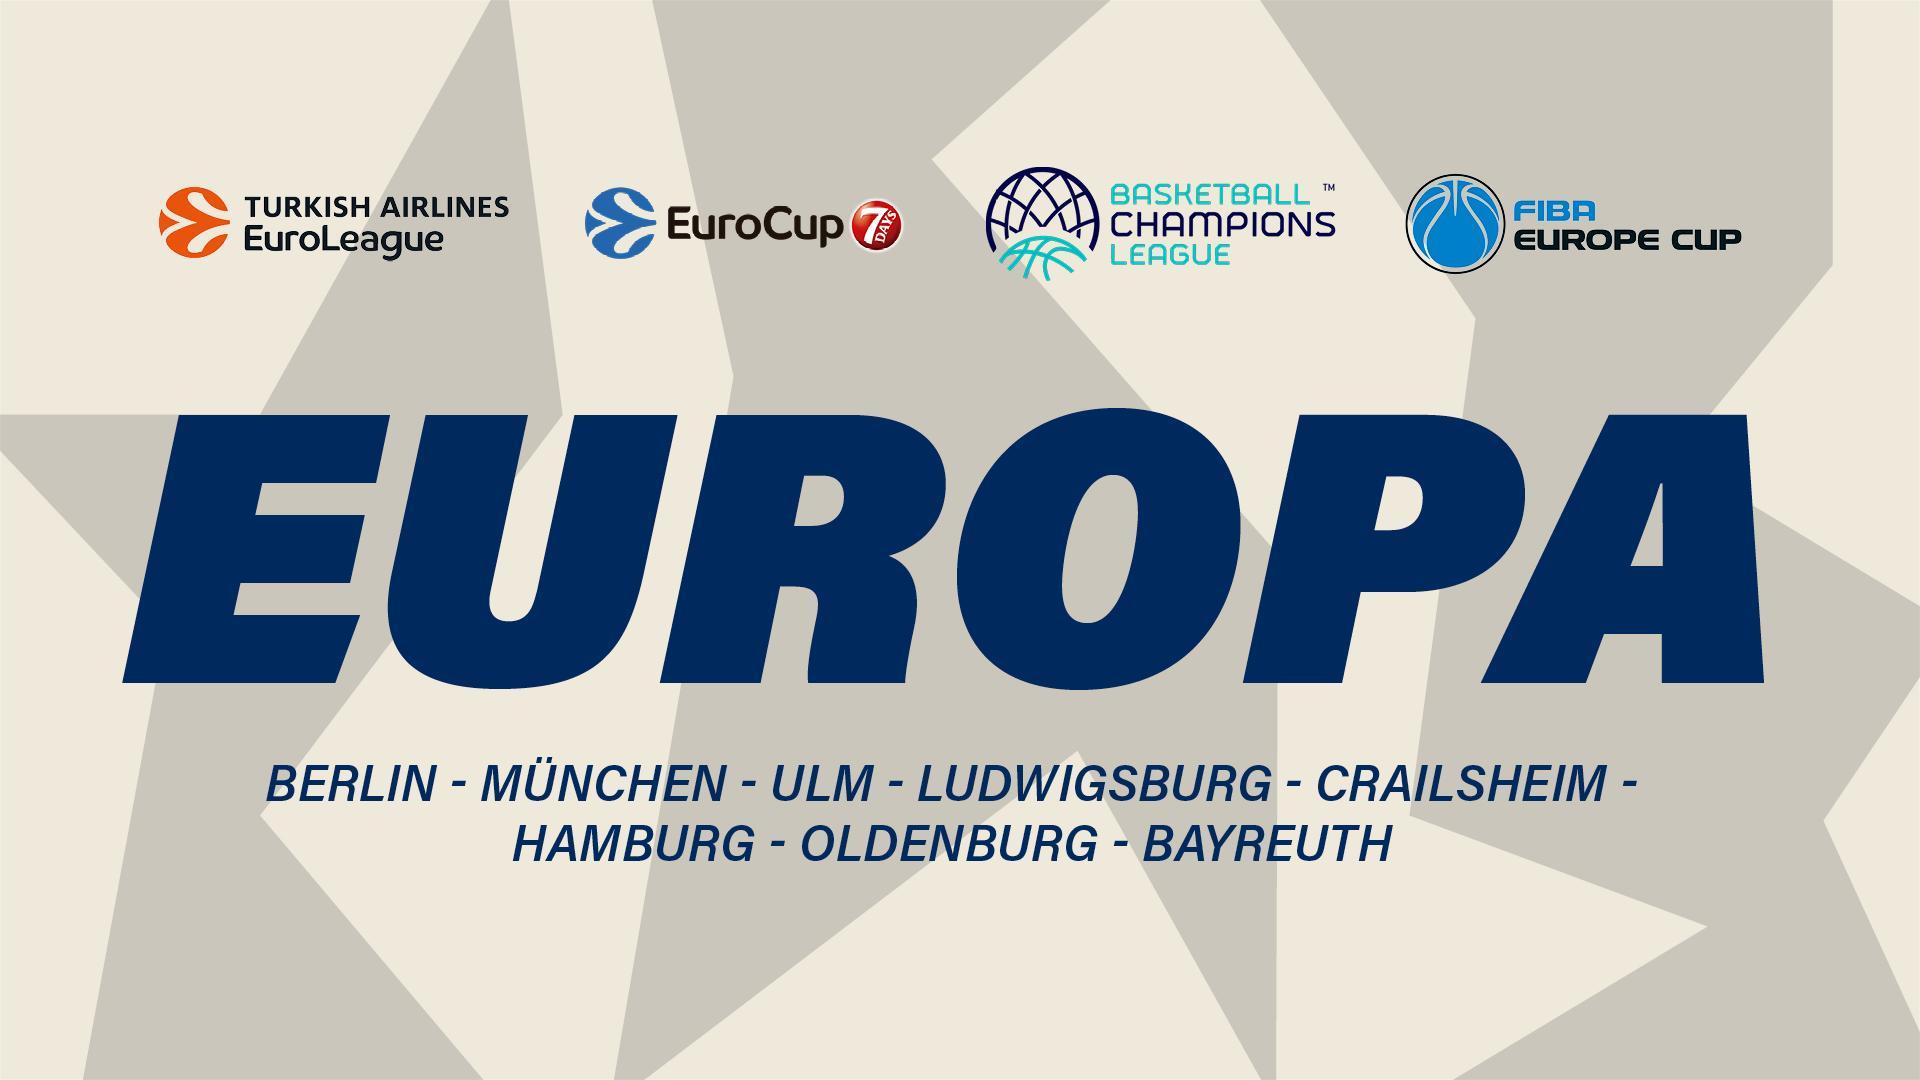 In diesem Blog fassen wir zusammen, wie unsere Klubs in den internationalen Wettbewerben abschneiden. Neben generellen Infos zum Europapokal aus deutscher Sicht gibt es hier Highlight-Videos, Boxscores und Nachberichte: